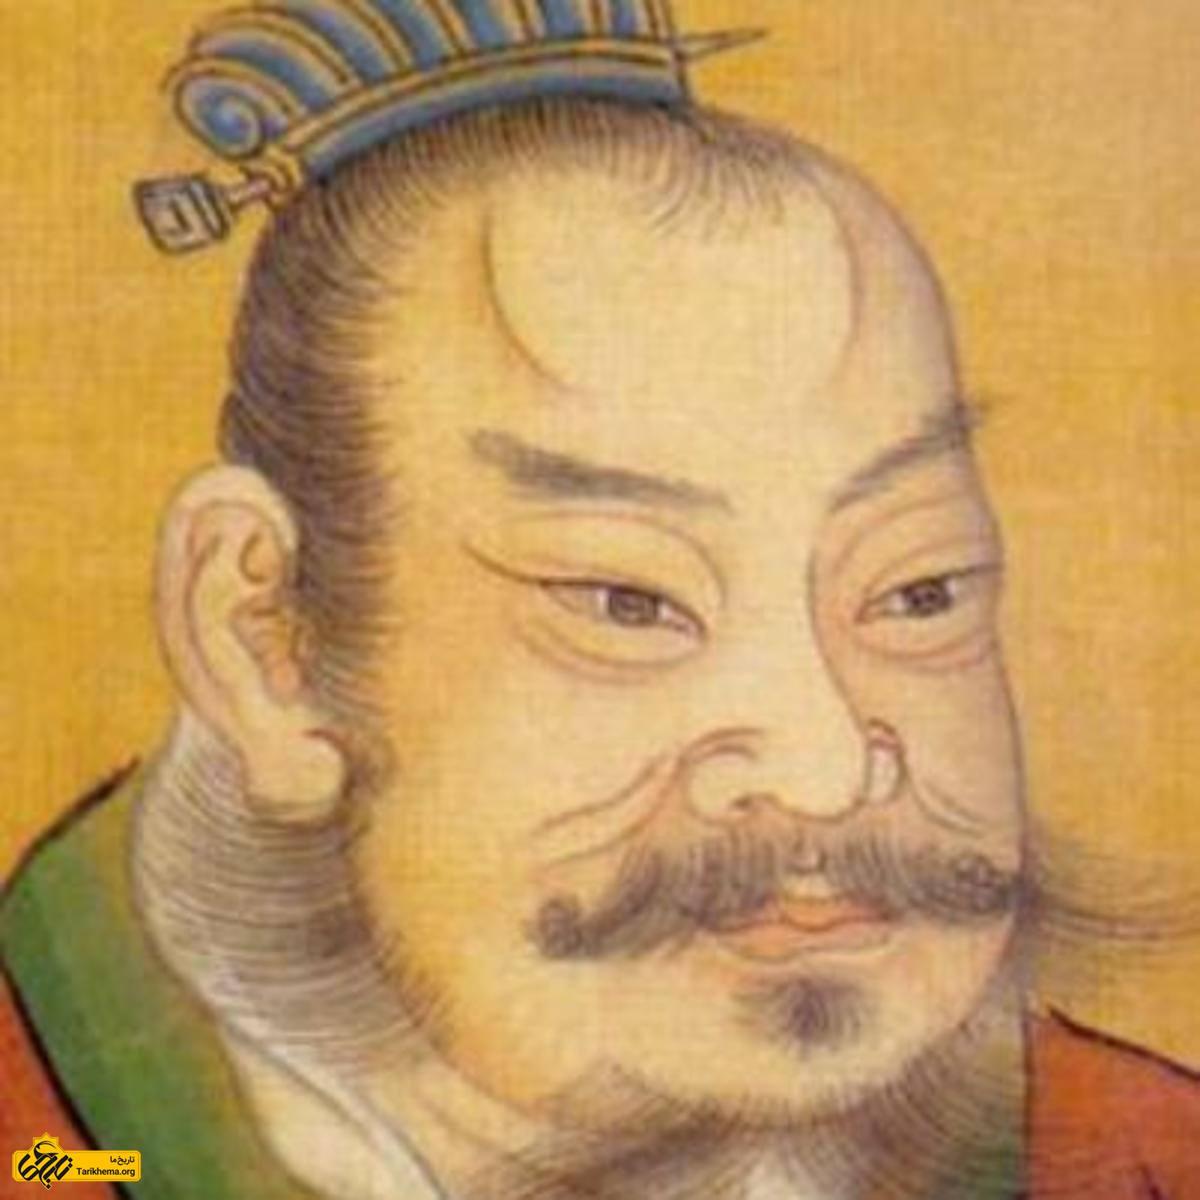 عکس Bildergebnis für Chinese poet su shi %d8%b3%d9%88-%d8%b4%db%8c-%d8%b4%d8%a7%d8%b9%d8%b1-%d8%a8%d8%b2%d8%b1%da%af-%da%86%db%8c%d9%86%db%8c Tarikhema.org